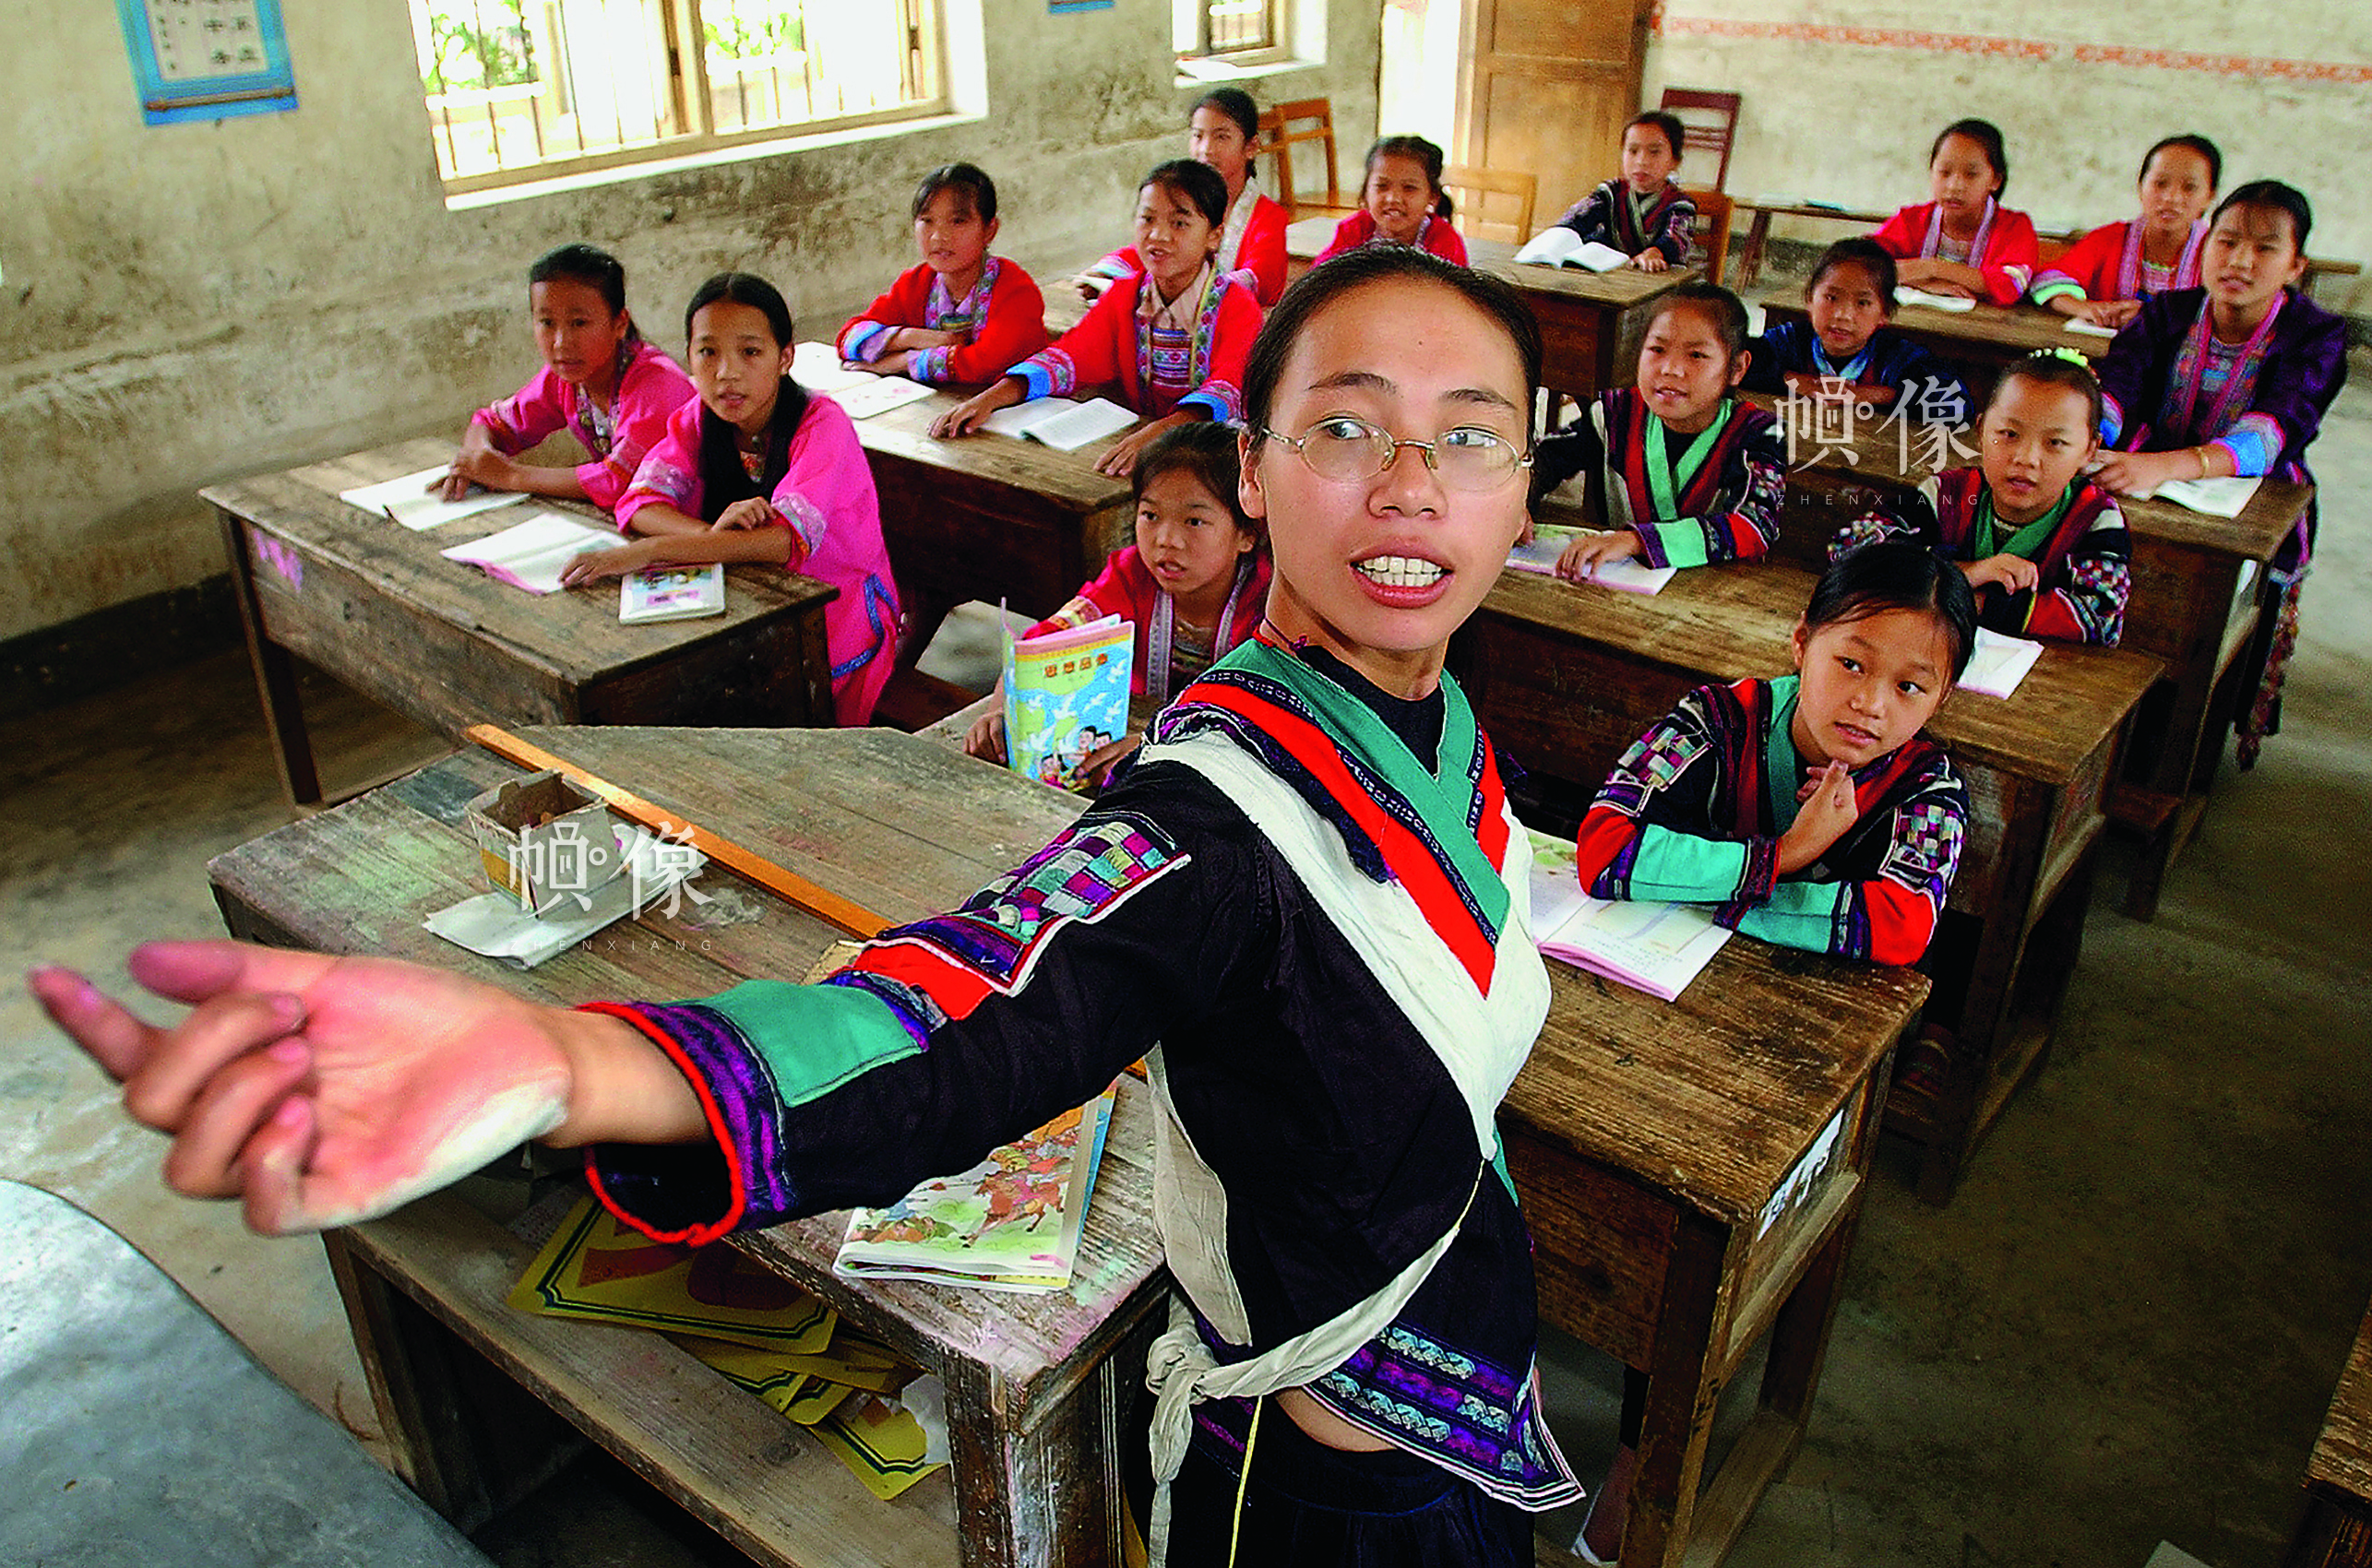 凤桂鲜,1988年受到春蕾计划资助,现在广西柳州市融水县民族小学任教,是融水县苗族自治县首位红瑶女教师。 雷声 摄